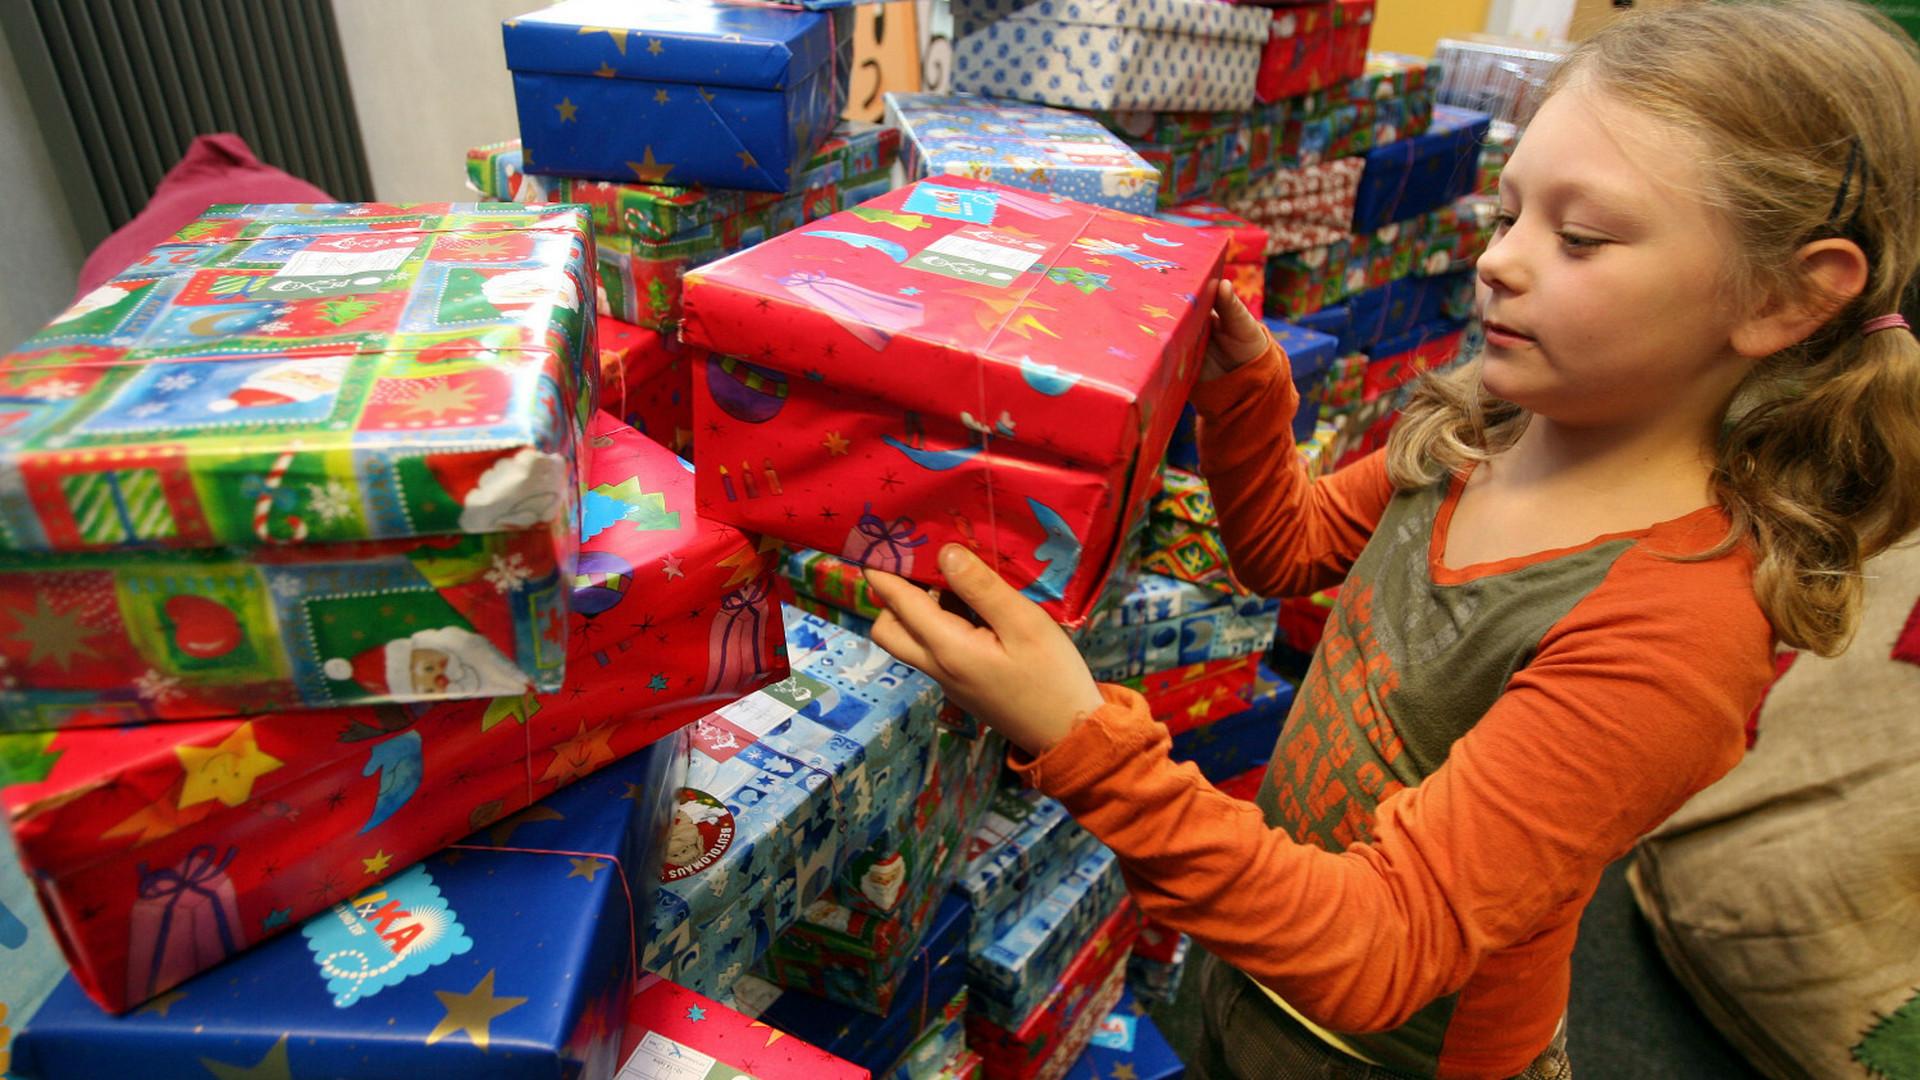 Abgabestellen Weihnachten Im Schuhkarton.So Einfach Könnt Ihr Kindern An Weihnachten Mit Einem Schuhkarton